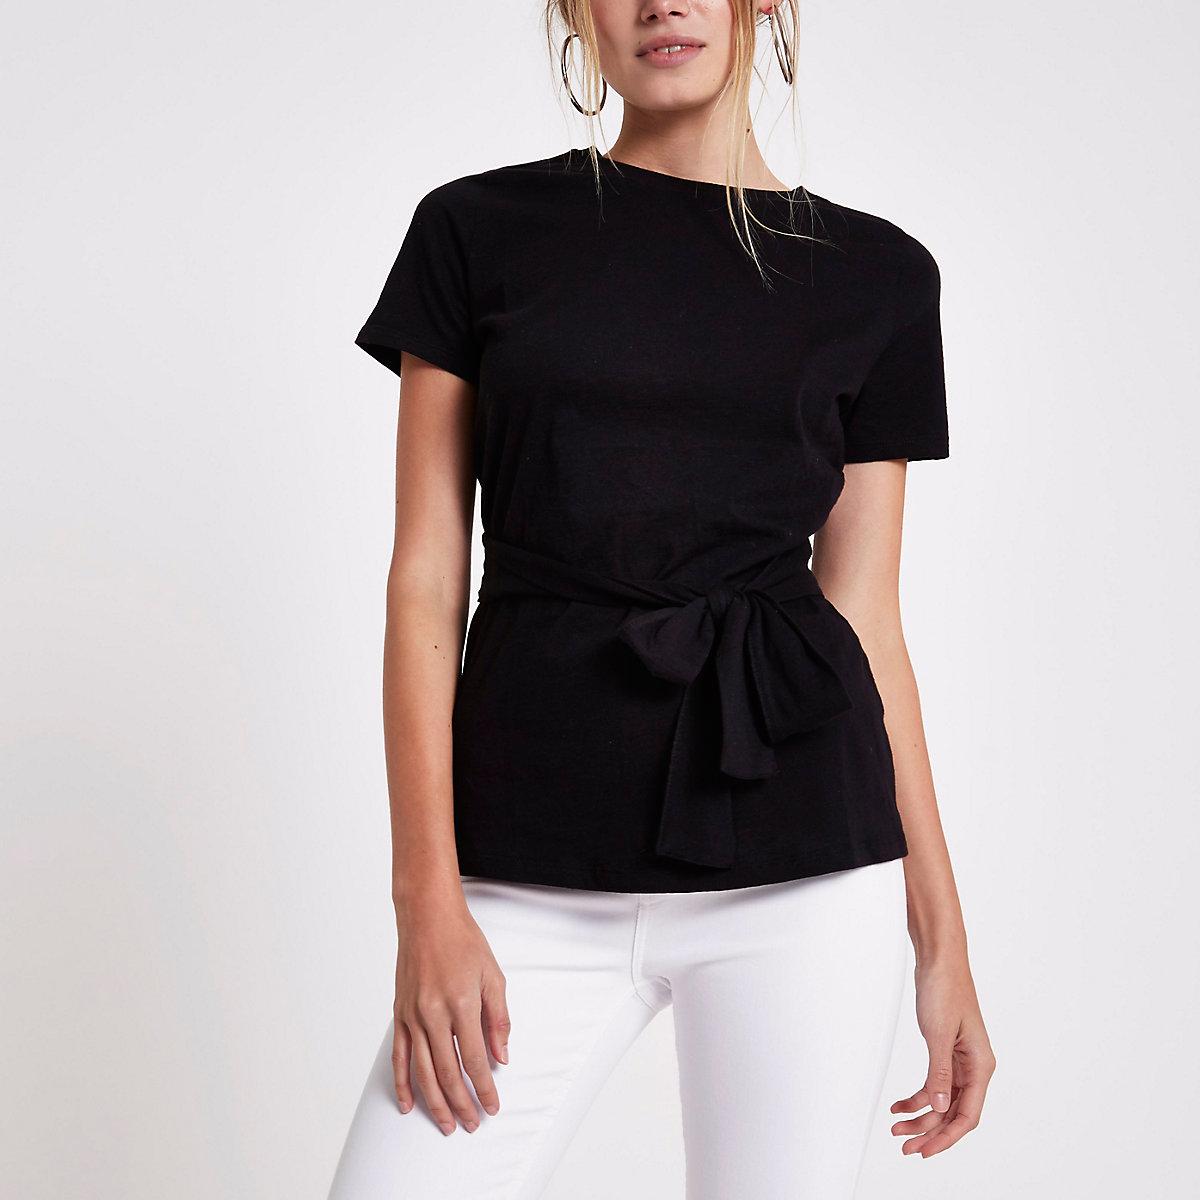 Zwart aansluitend T-shirt met strik voor